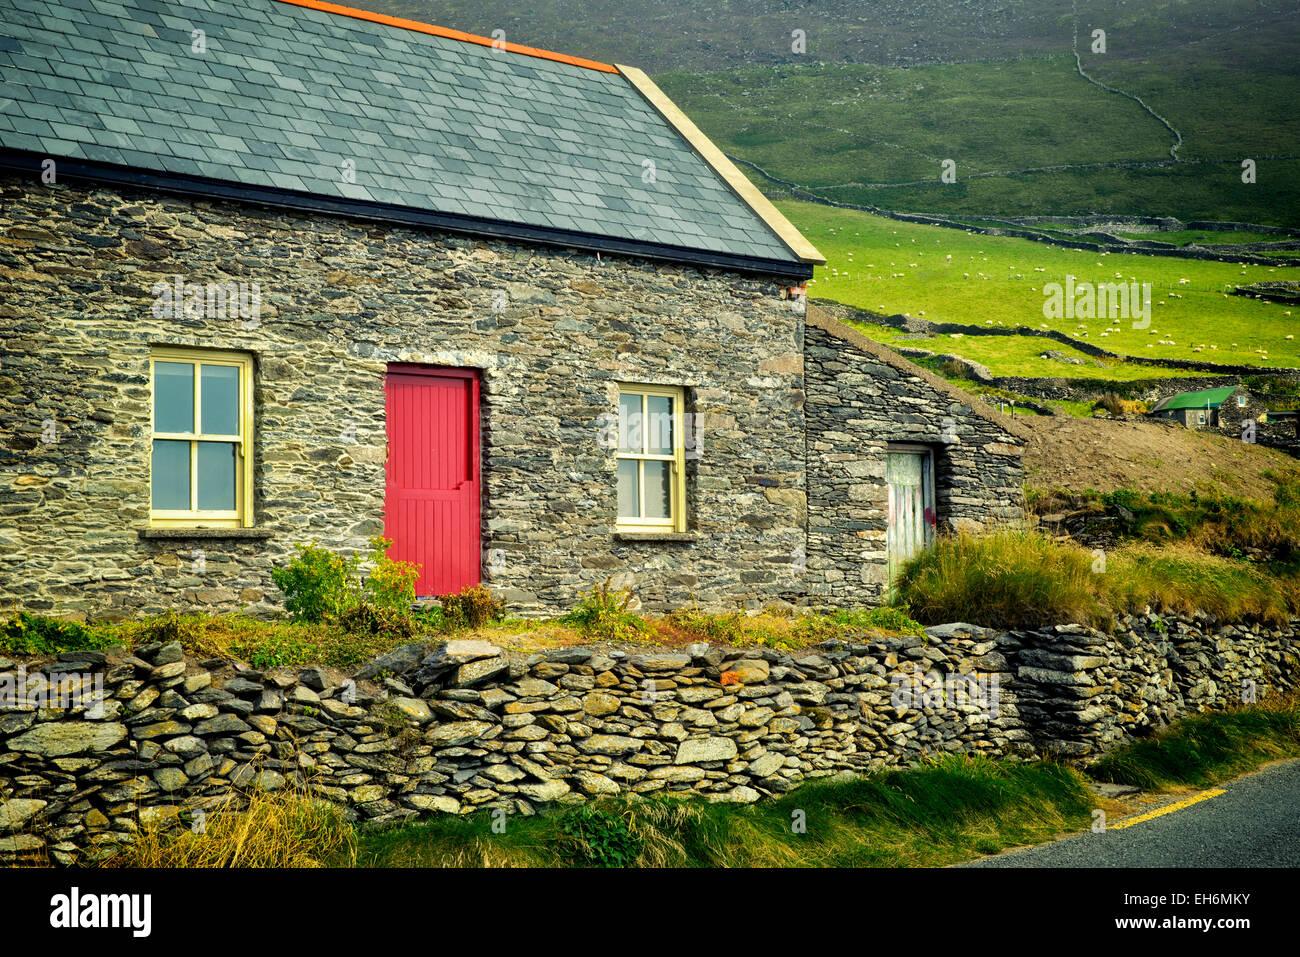 Maison en pierre et de moutons en pâturage avec des clôtures en pierre sur Slea Head Drive. Péninsule de Dingle, en Irlande. Banque D'Images